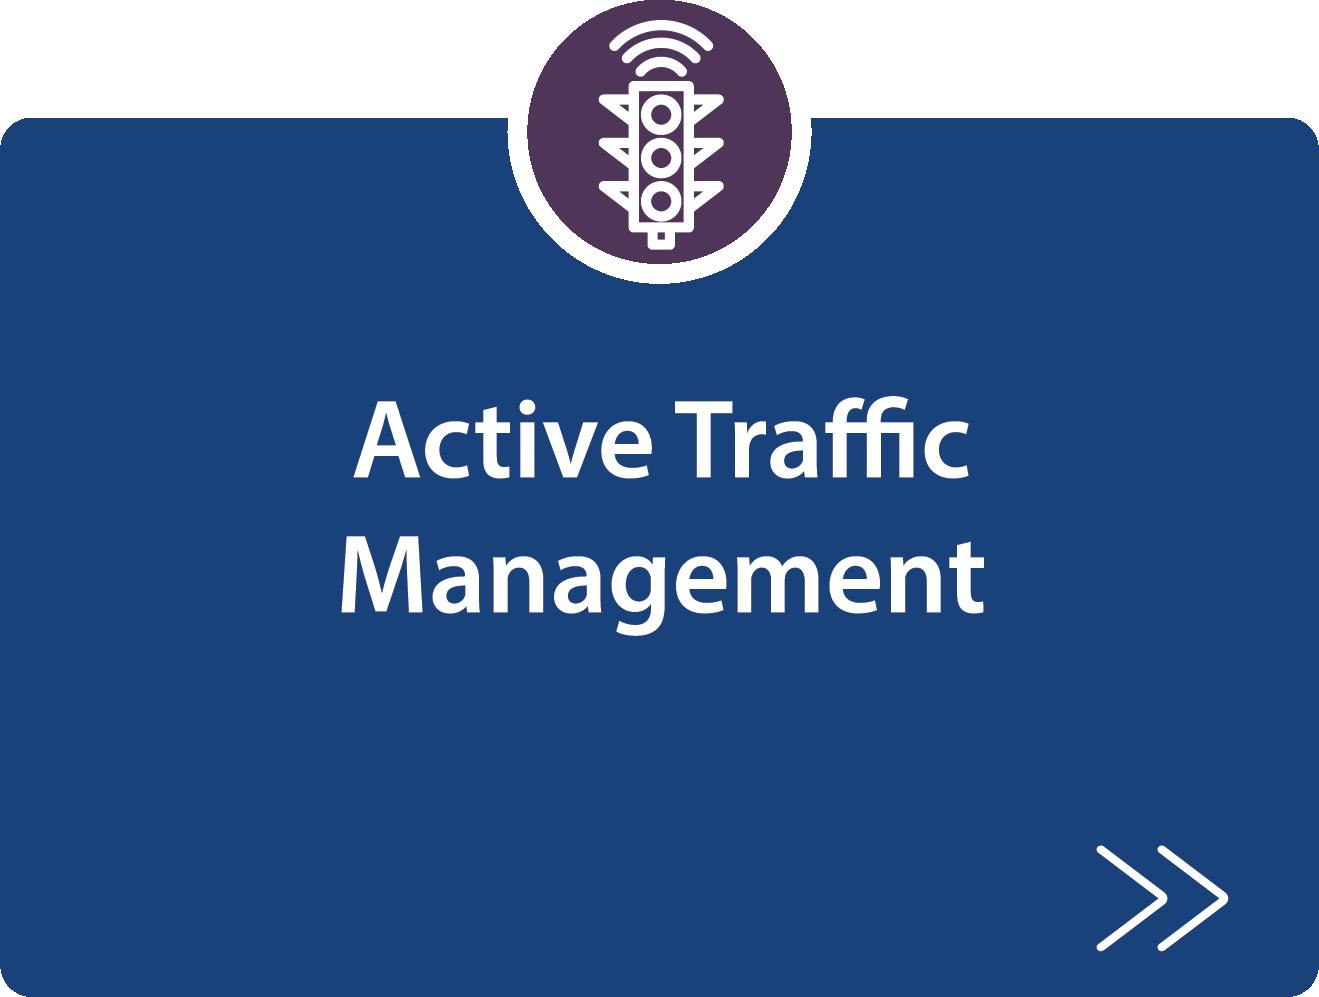 Active Traffic Management strategy description